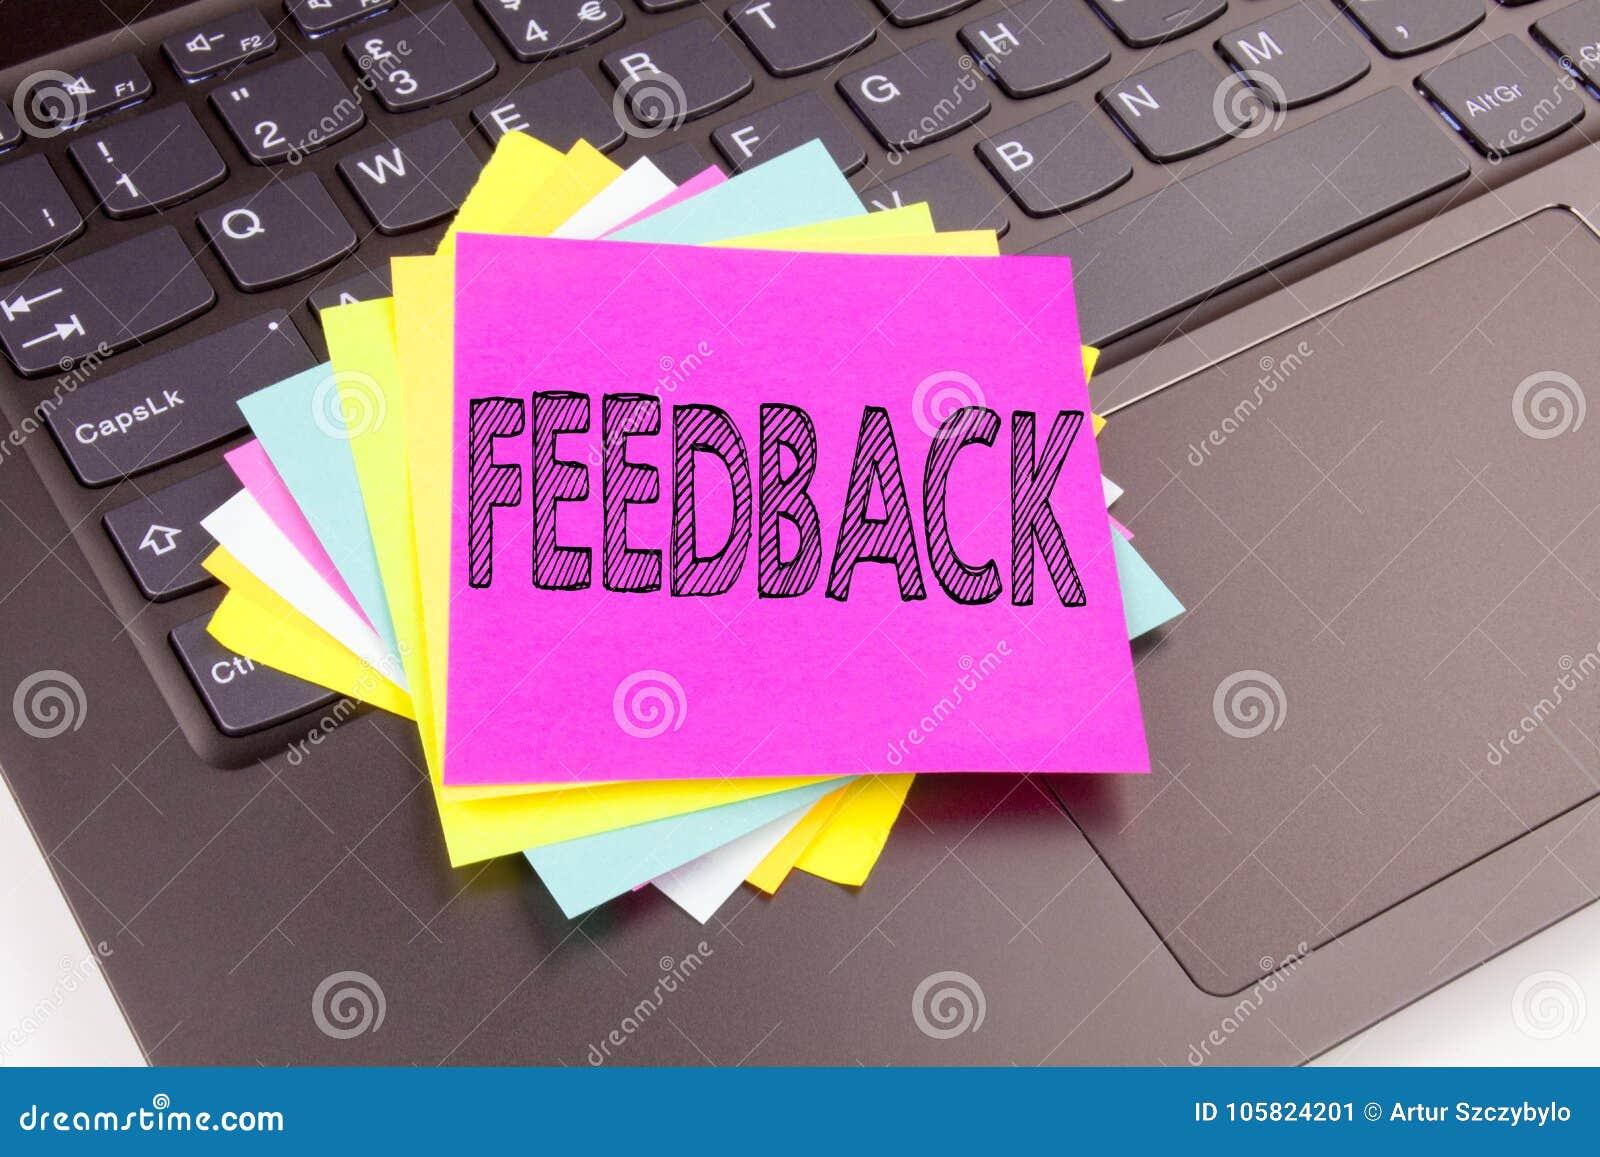 Schreibens-Feedbacktext gemacht in der Büronahaufnahme auf Laptop-Computer Tastatur Geschäftskonzept zu Meinungs-Information posi